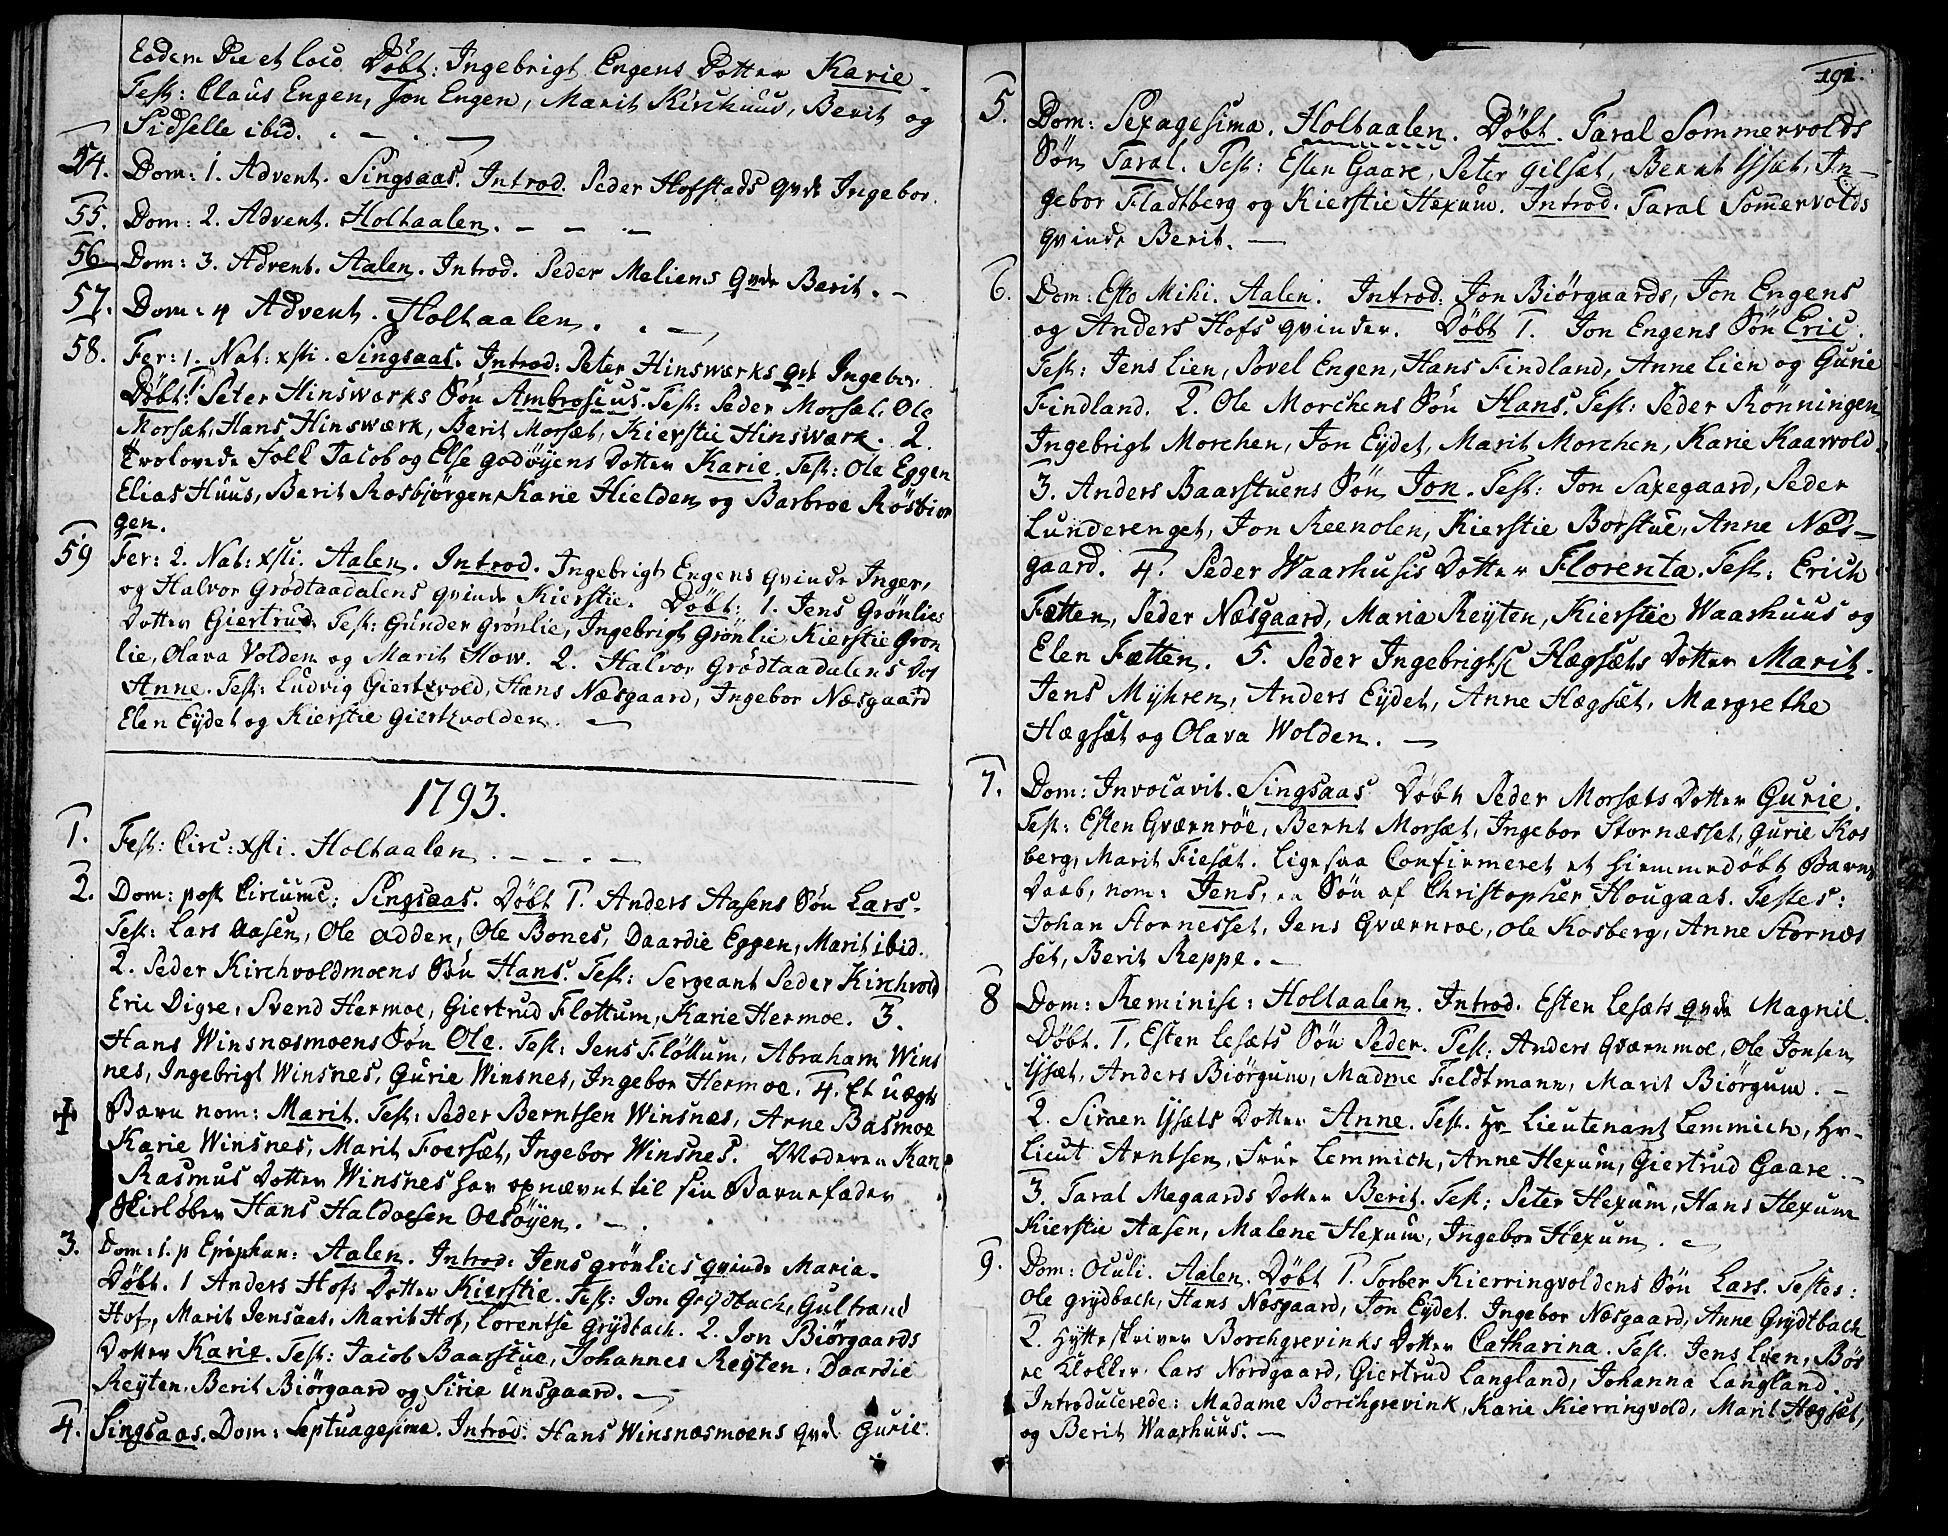 SAT, Ministerialprotokoller, klokkerbøker og fødselsregistre - Sør-Trøndelag, 685/L0952: Ministerialbok nr. 685A01, 1745-1804, s. 191